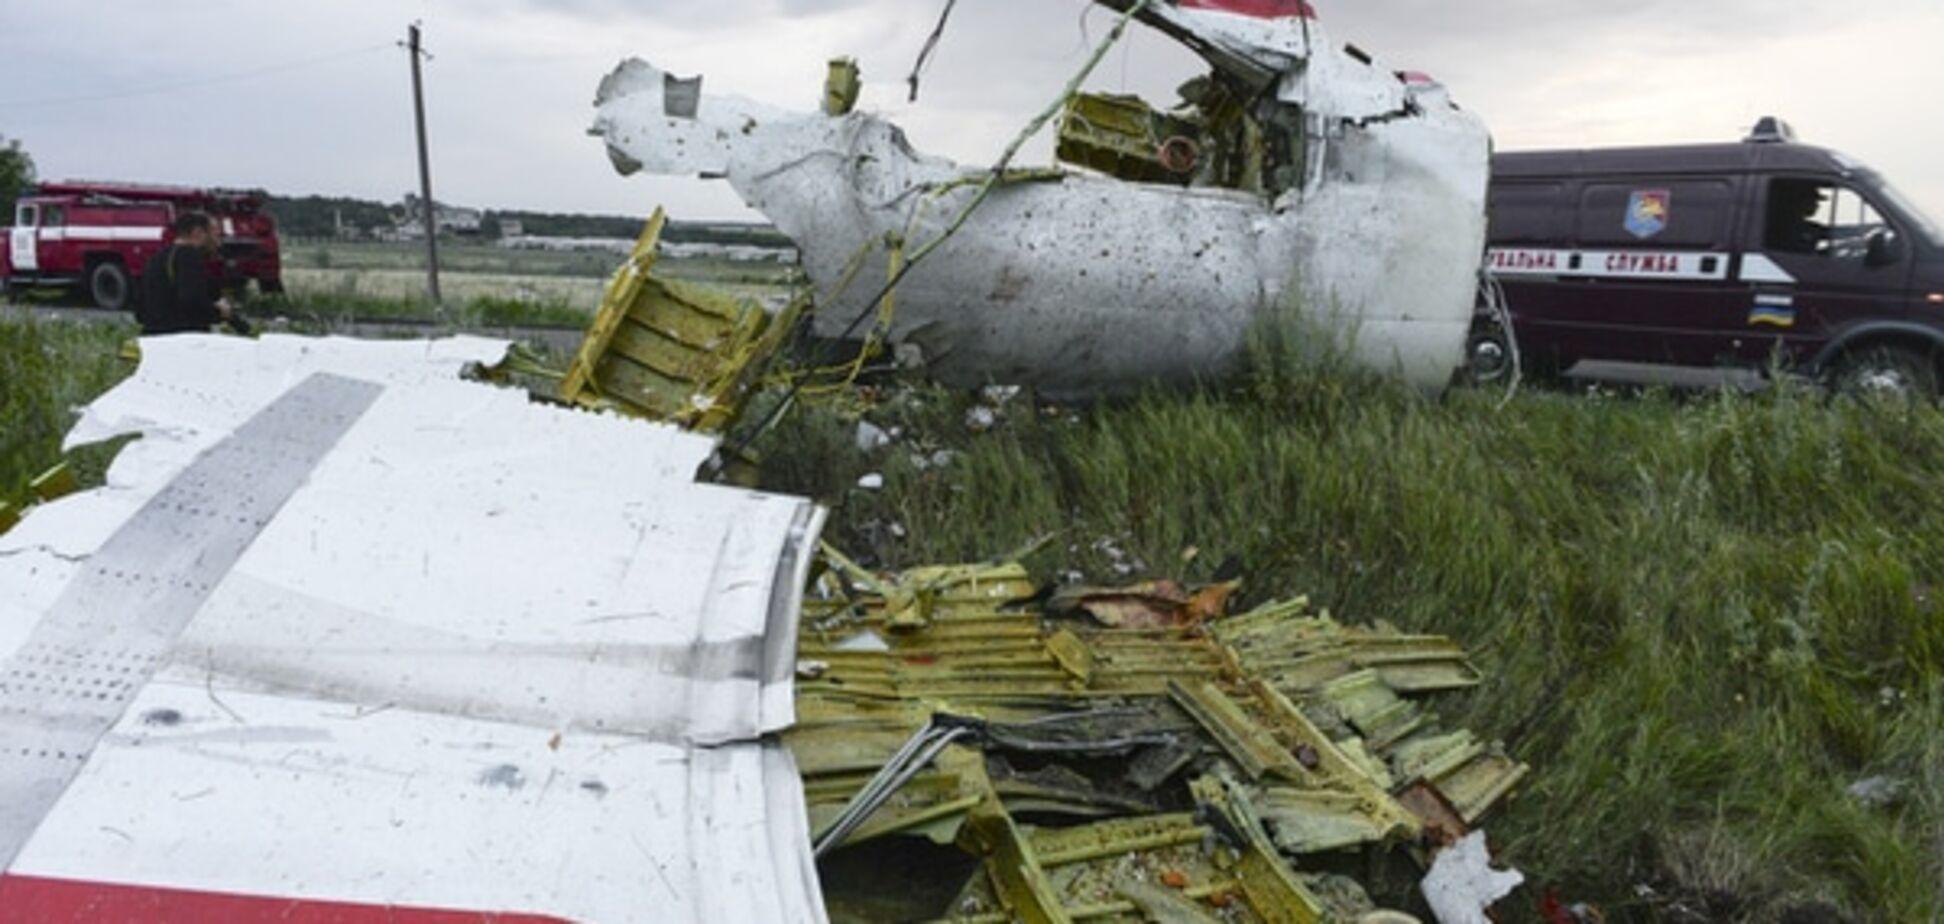 Співавтор доповіді по MH17: ми все передали в Голландію, а у них свої методи